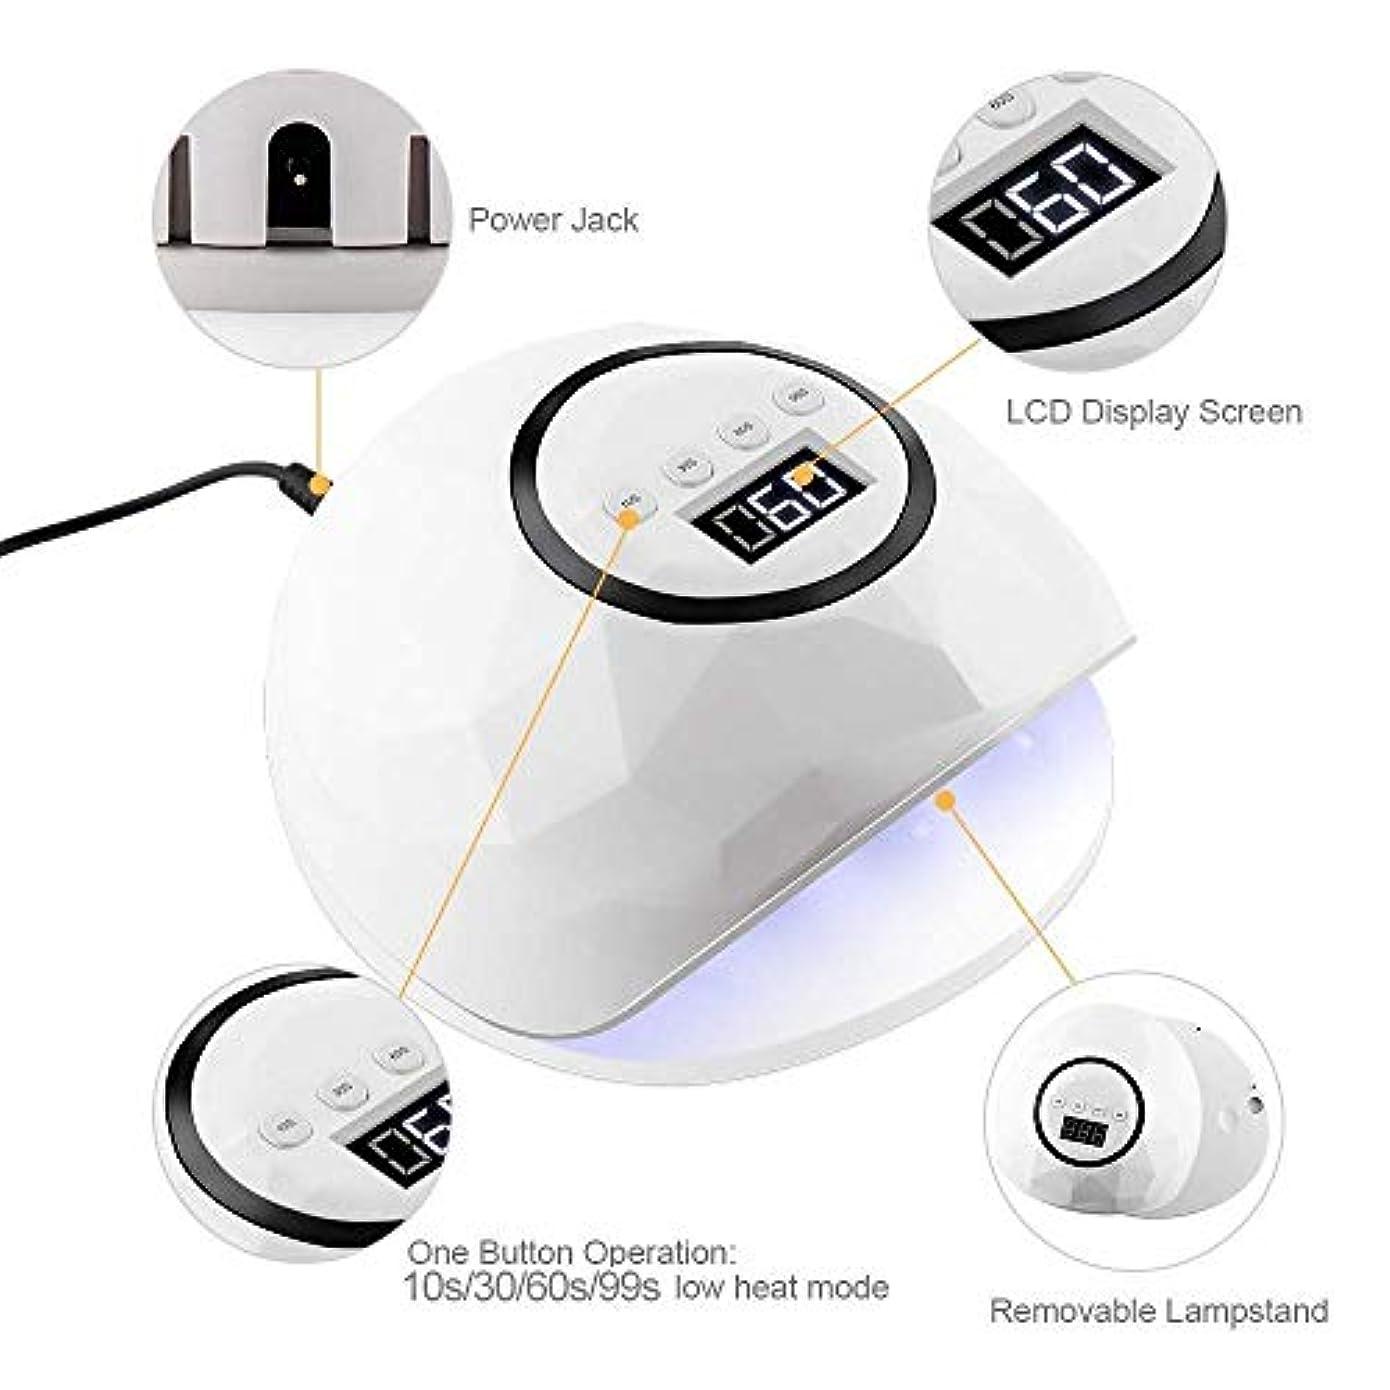 ロイヤリティ換気する一般ネイルドライヤー86ワットUV LEDランプネイルドライヤー39個LEDネイルランプ硬化用UVジェルネイルポリッシュセンサー付きLCDディスプレイ